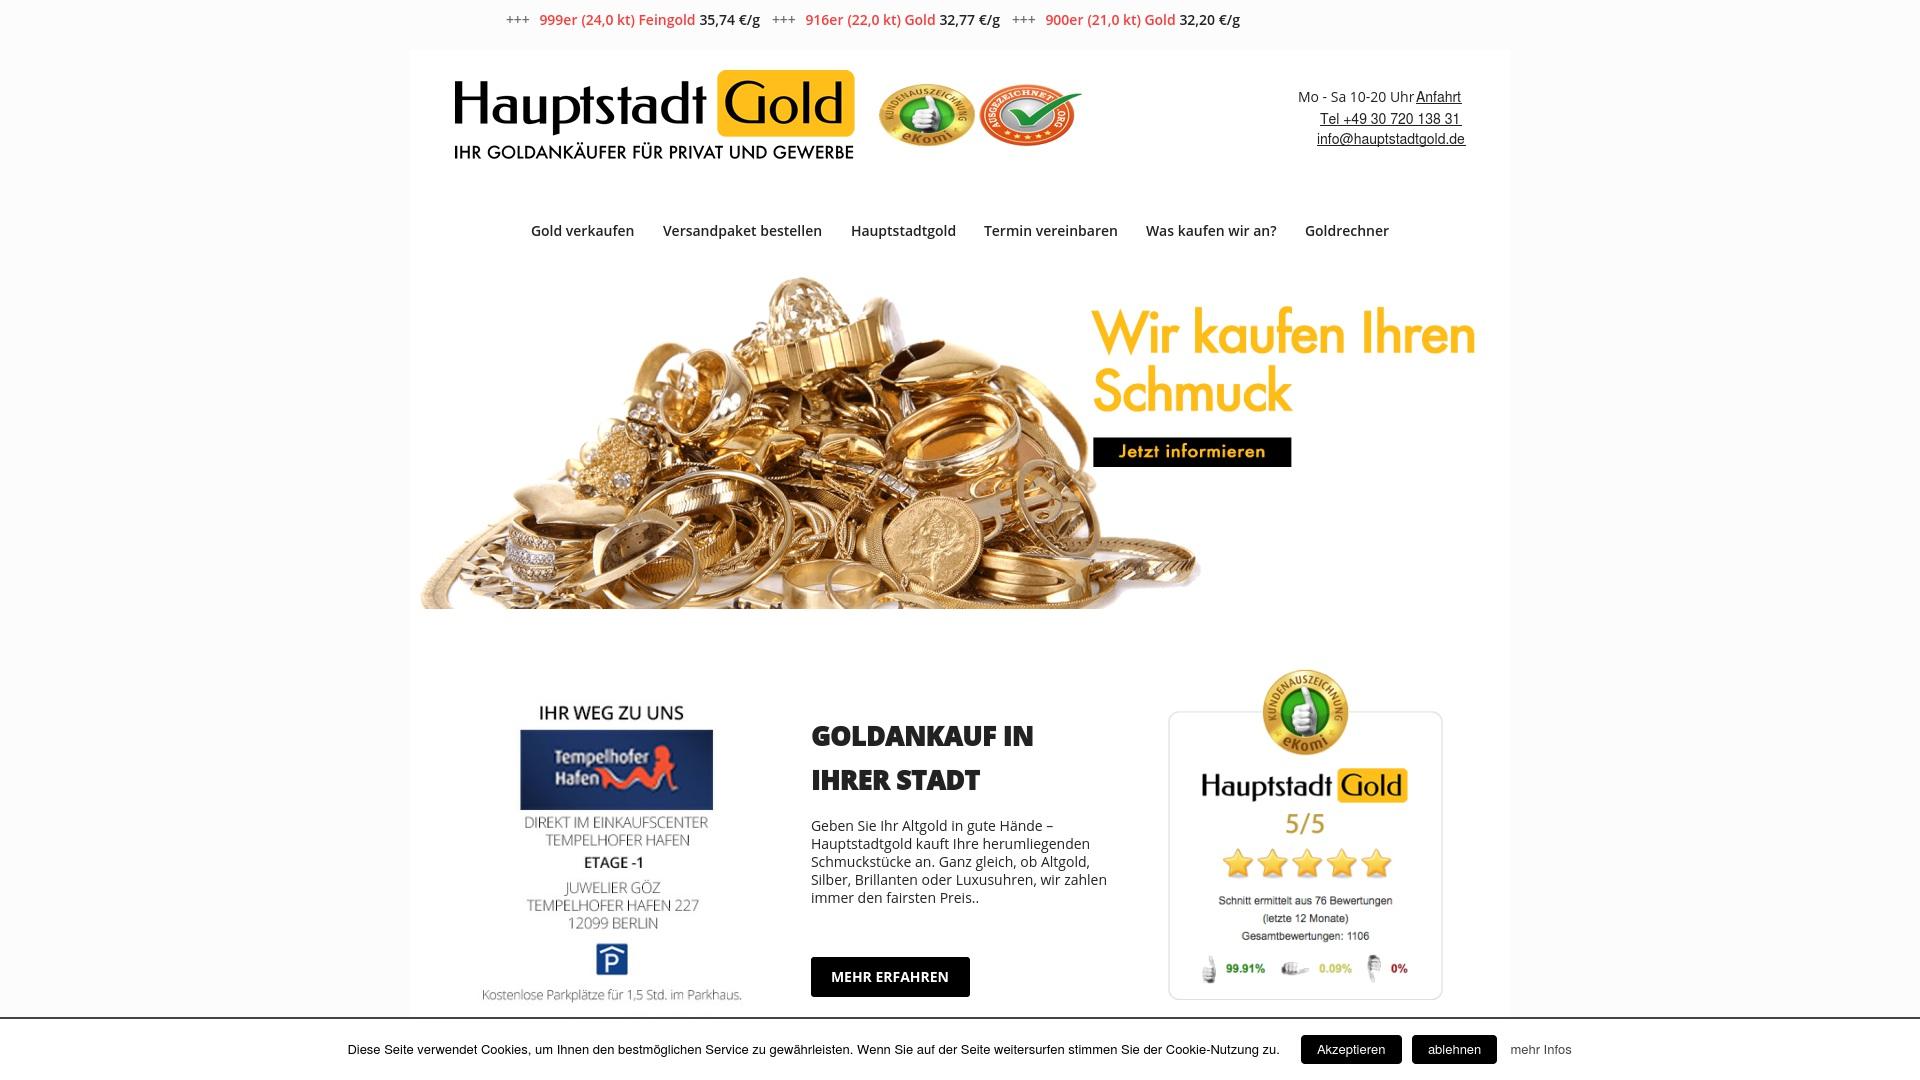 Gutschein für Hauptstadtgold: Rabatte für  Hauptstadtgold sichern